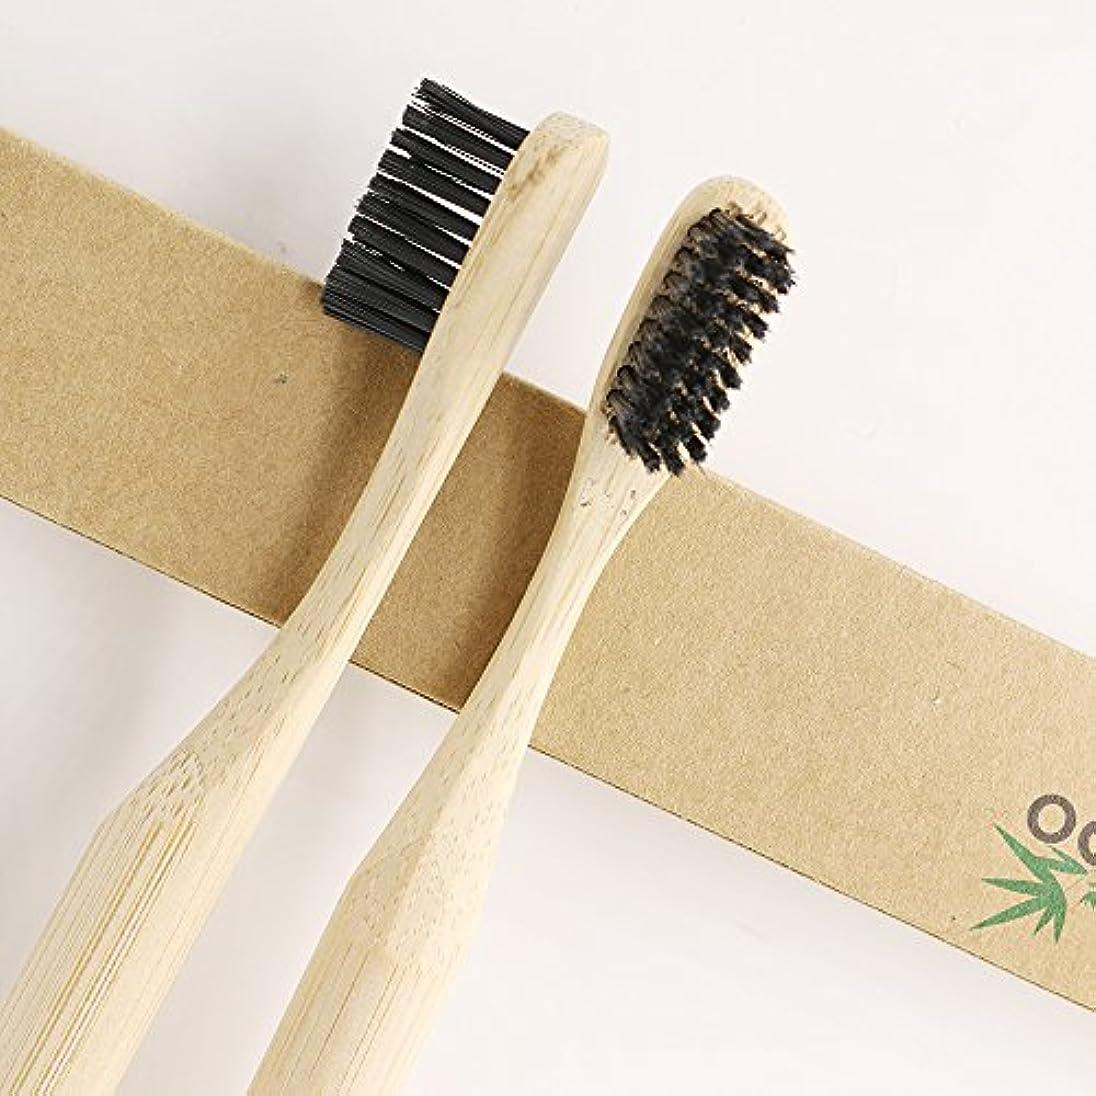 ヨーグルト程度オリエンテーションN-amboo 竹製耐久度高い 歯ブラシ  2本入り セット 黒い